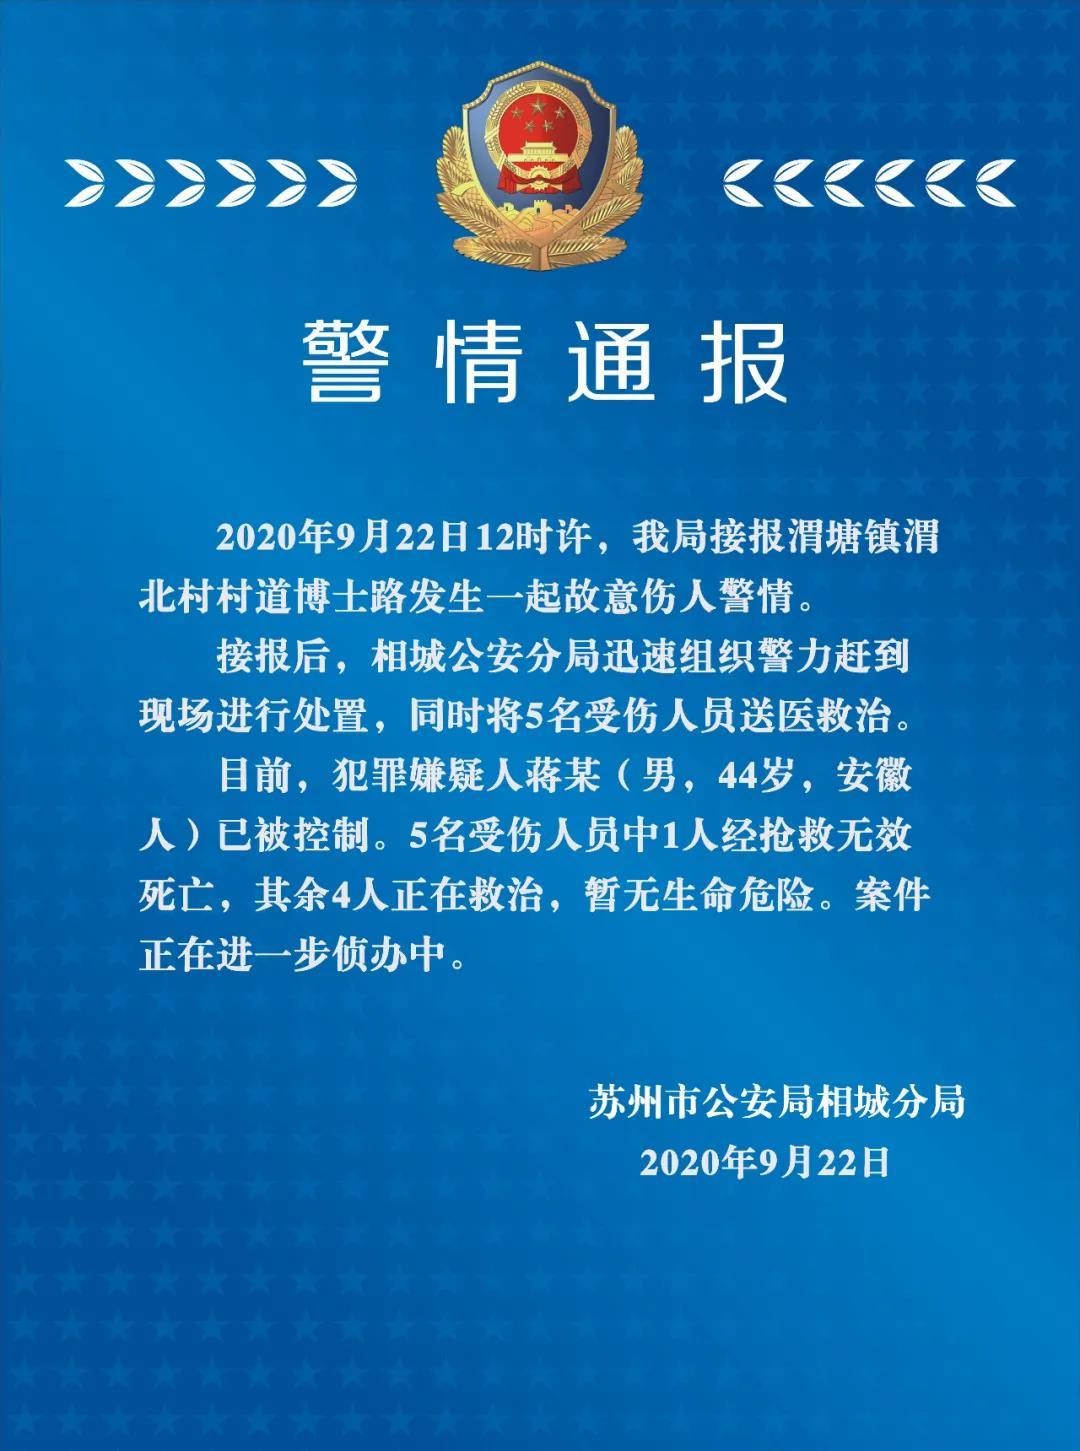 江苏苏州一男子故意伤人致1死4伤 嫌犯已被控制